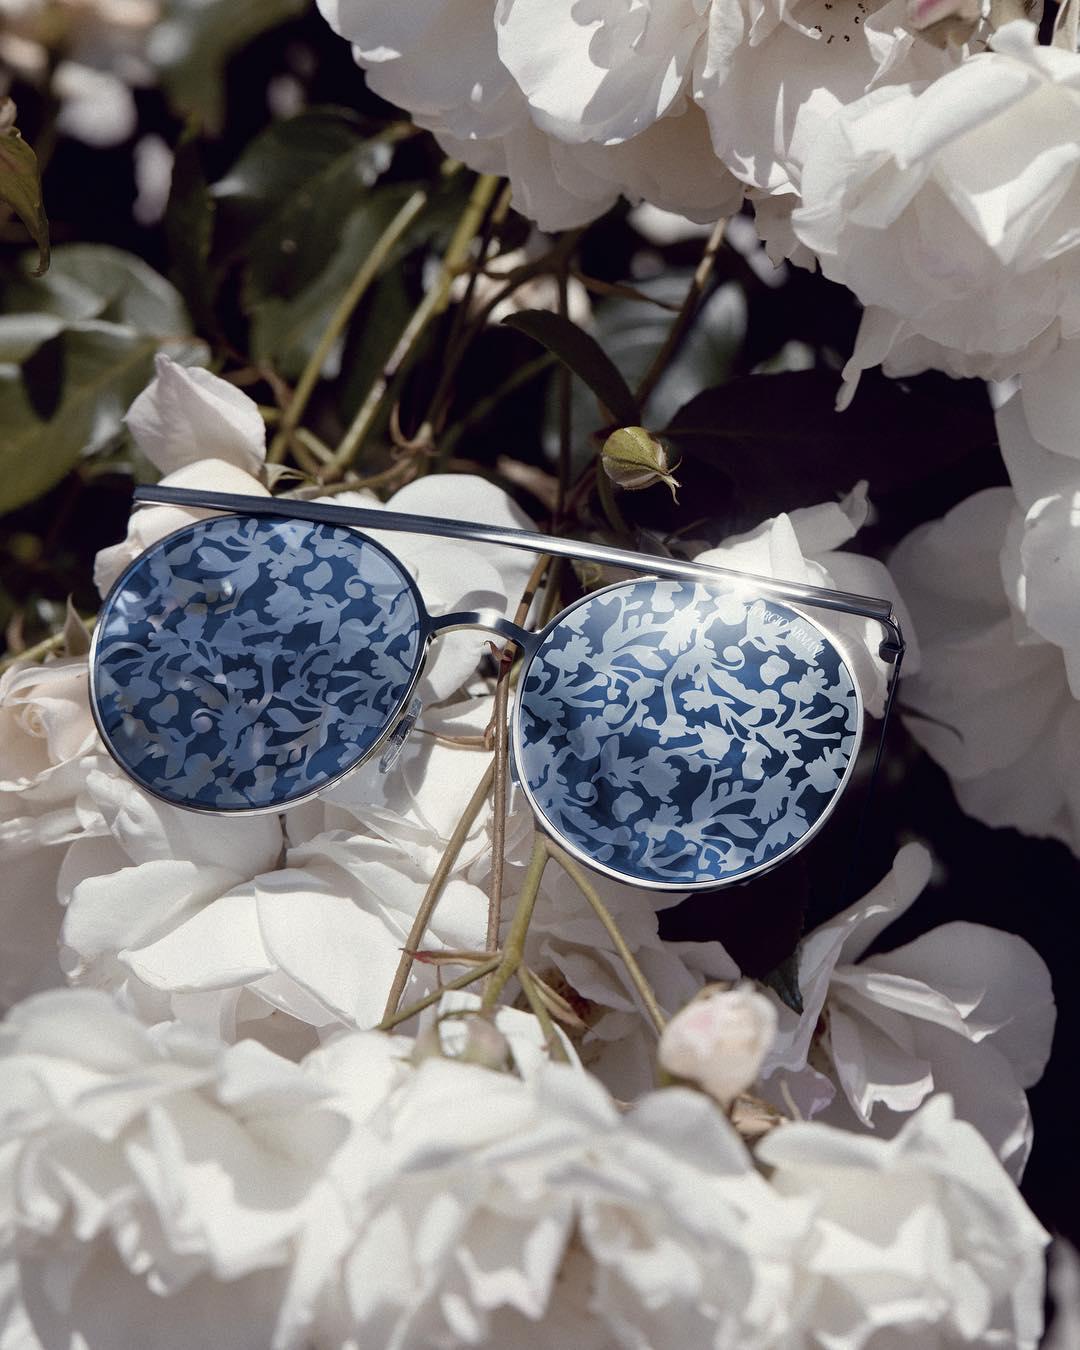 Giorgio Armani запустили коллекцию очков с цветами на стеклах. И это что-то!